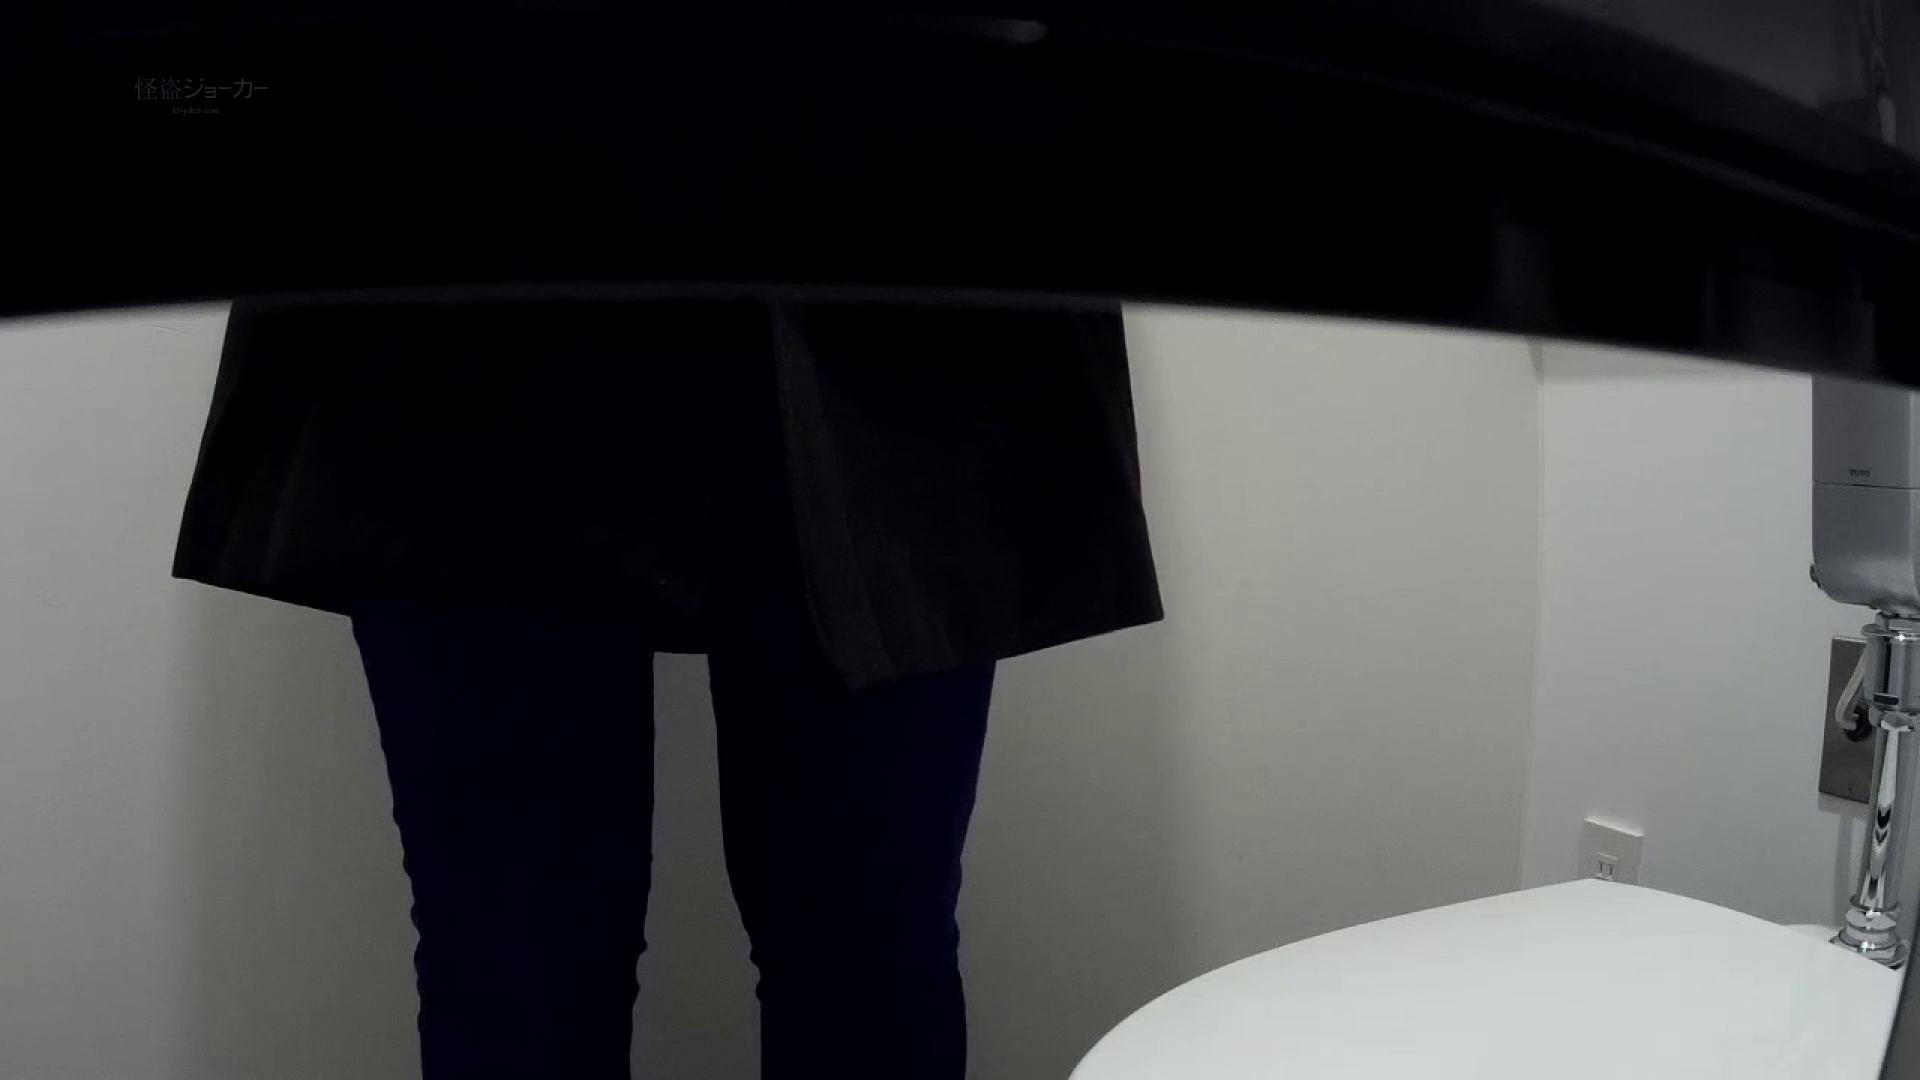 有名大学女性洗面所 vol.56 集まれもこもこ冬服美女!! 美女のボディ おめこ無修正画像 104PIX 52